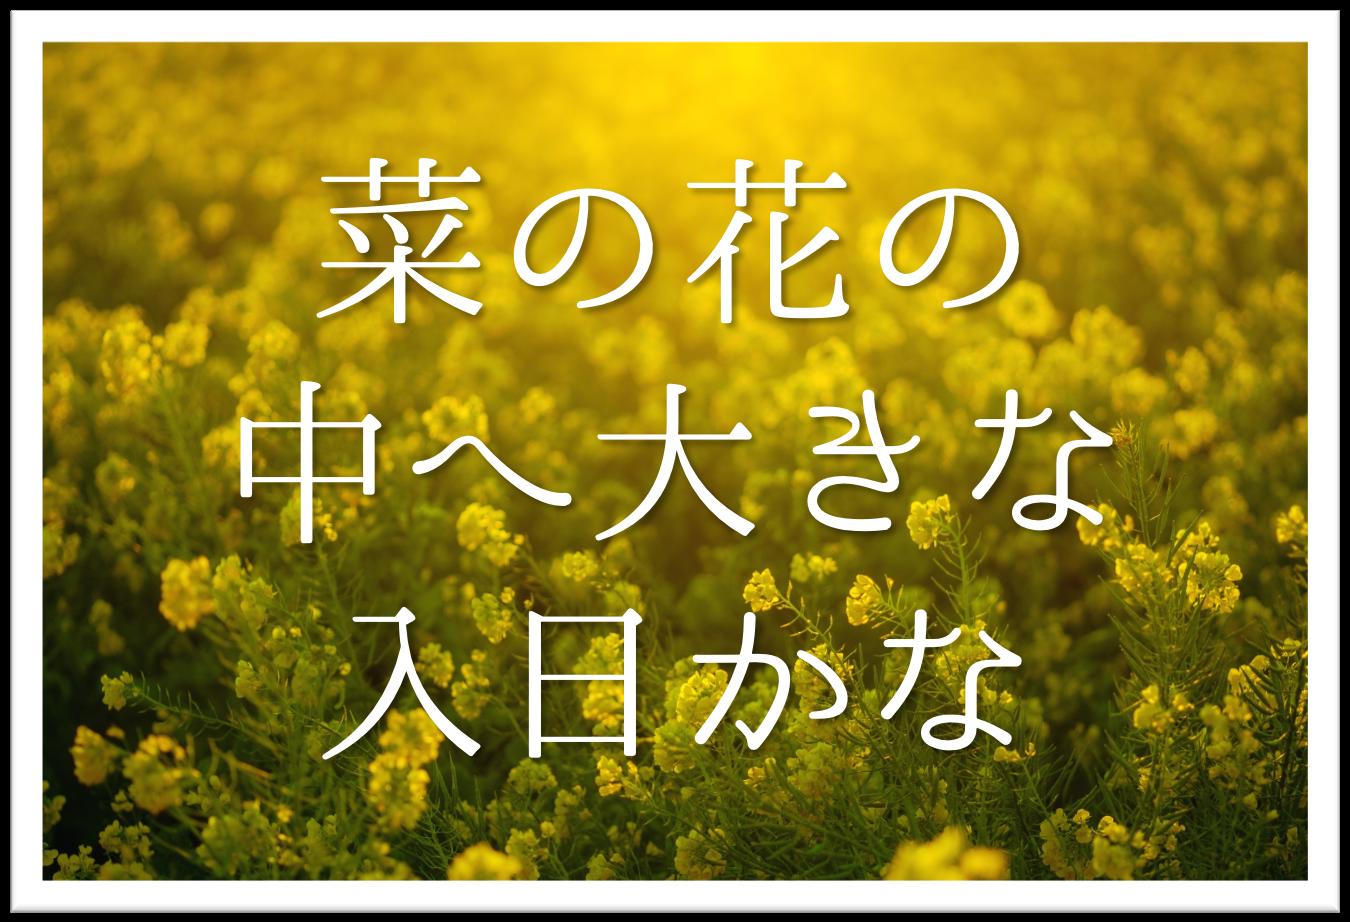 【菜の花の中へ大きな入日かな】俳句の季語や意味・表現技法・鑑賞・作者など徹底解説!!